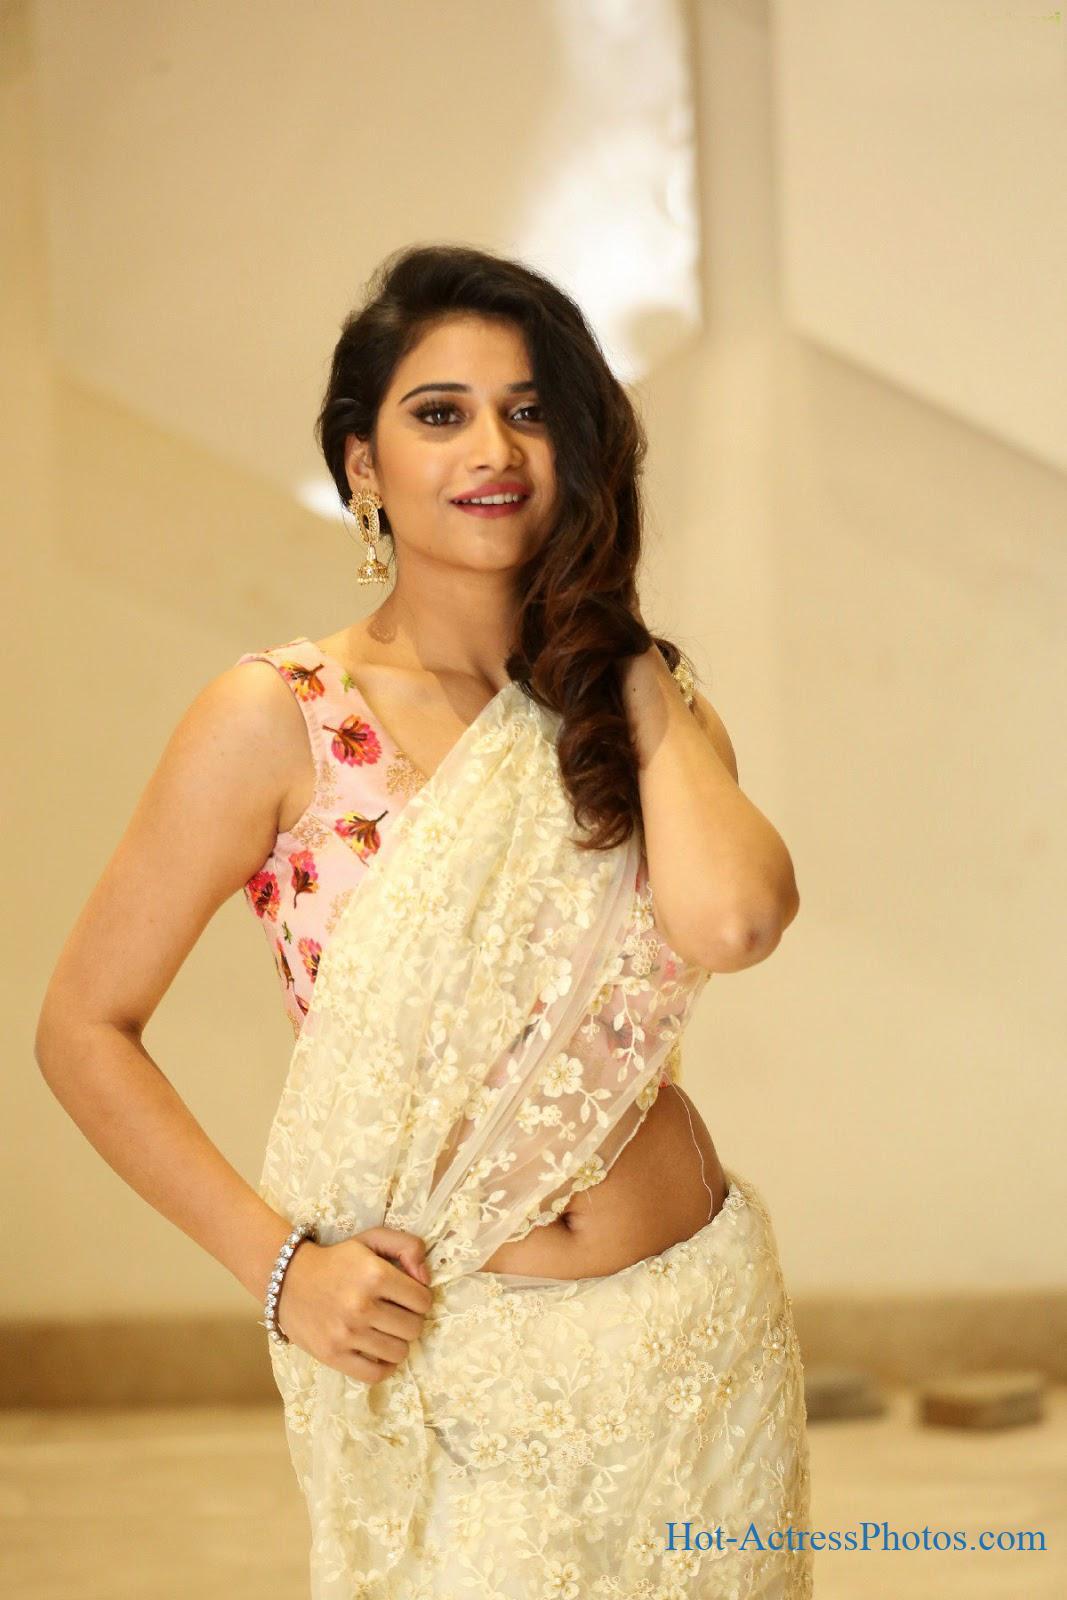 Priya Singh Hot Photos In Saree